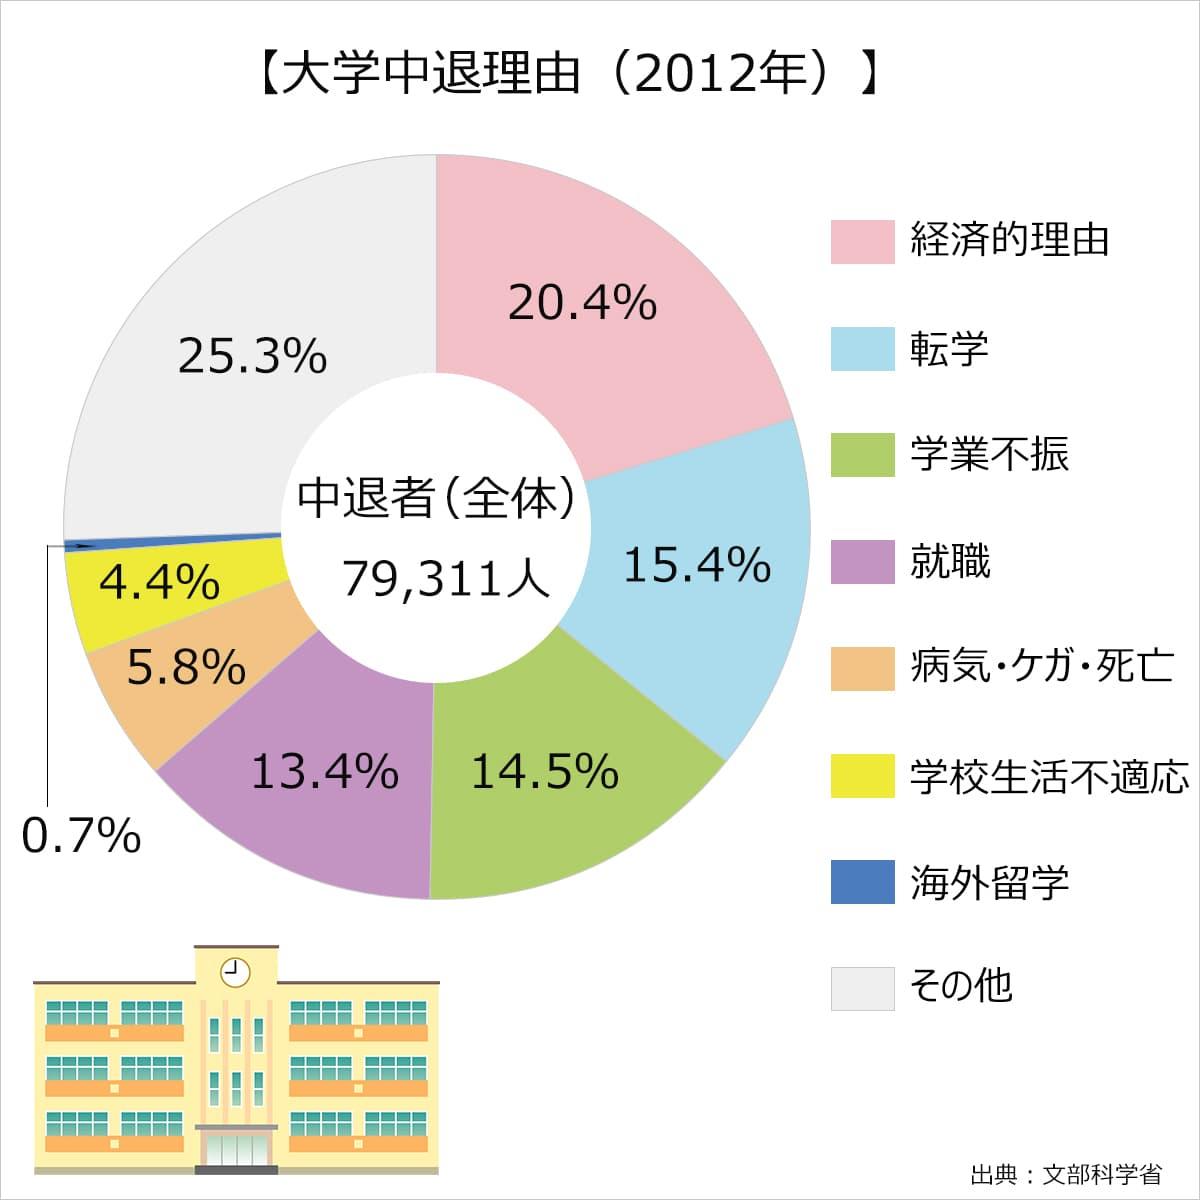 平成24年の大学中退理由。学業不振:14.5%、学校生活不適応:4.4%、就職:13.4%、転学:15.4%、海外留学:0.7%、病気・けが・死亡:5.8%、経済的理由:20.4%、その他:25.3%